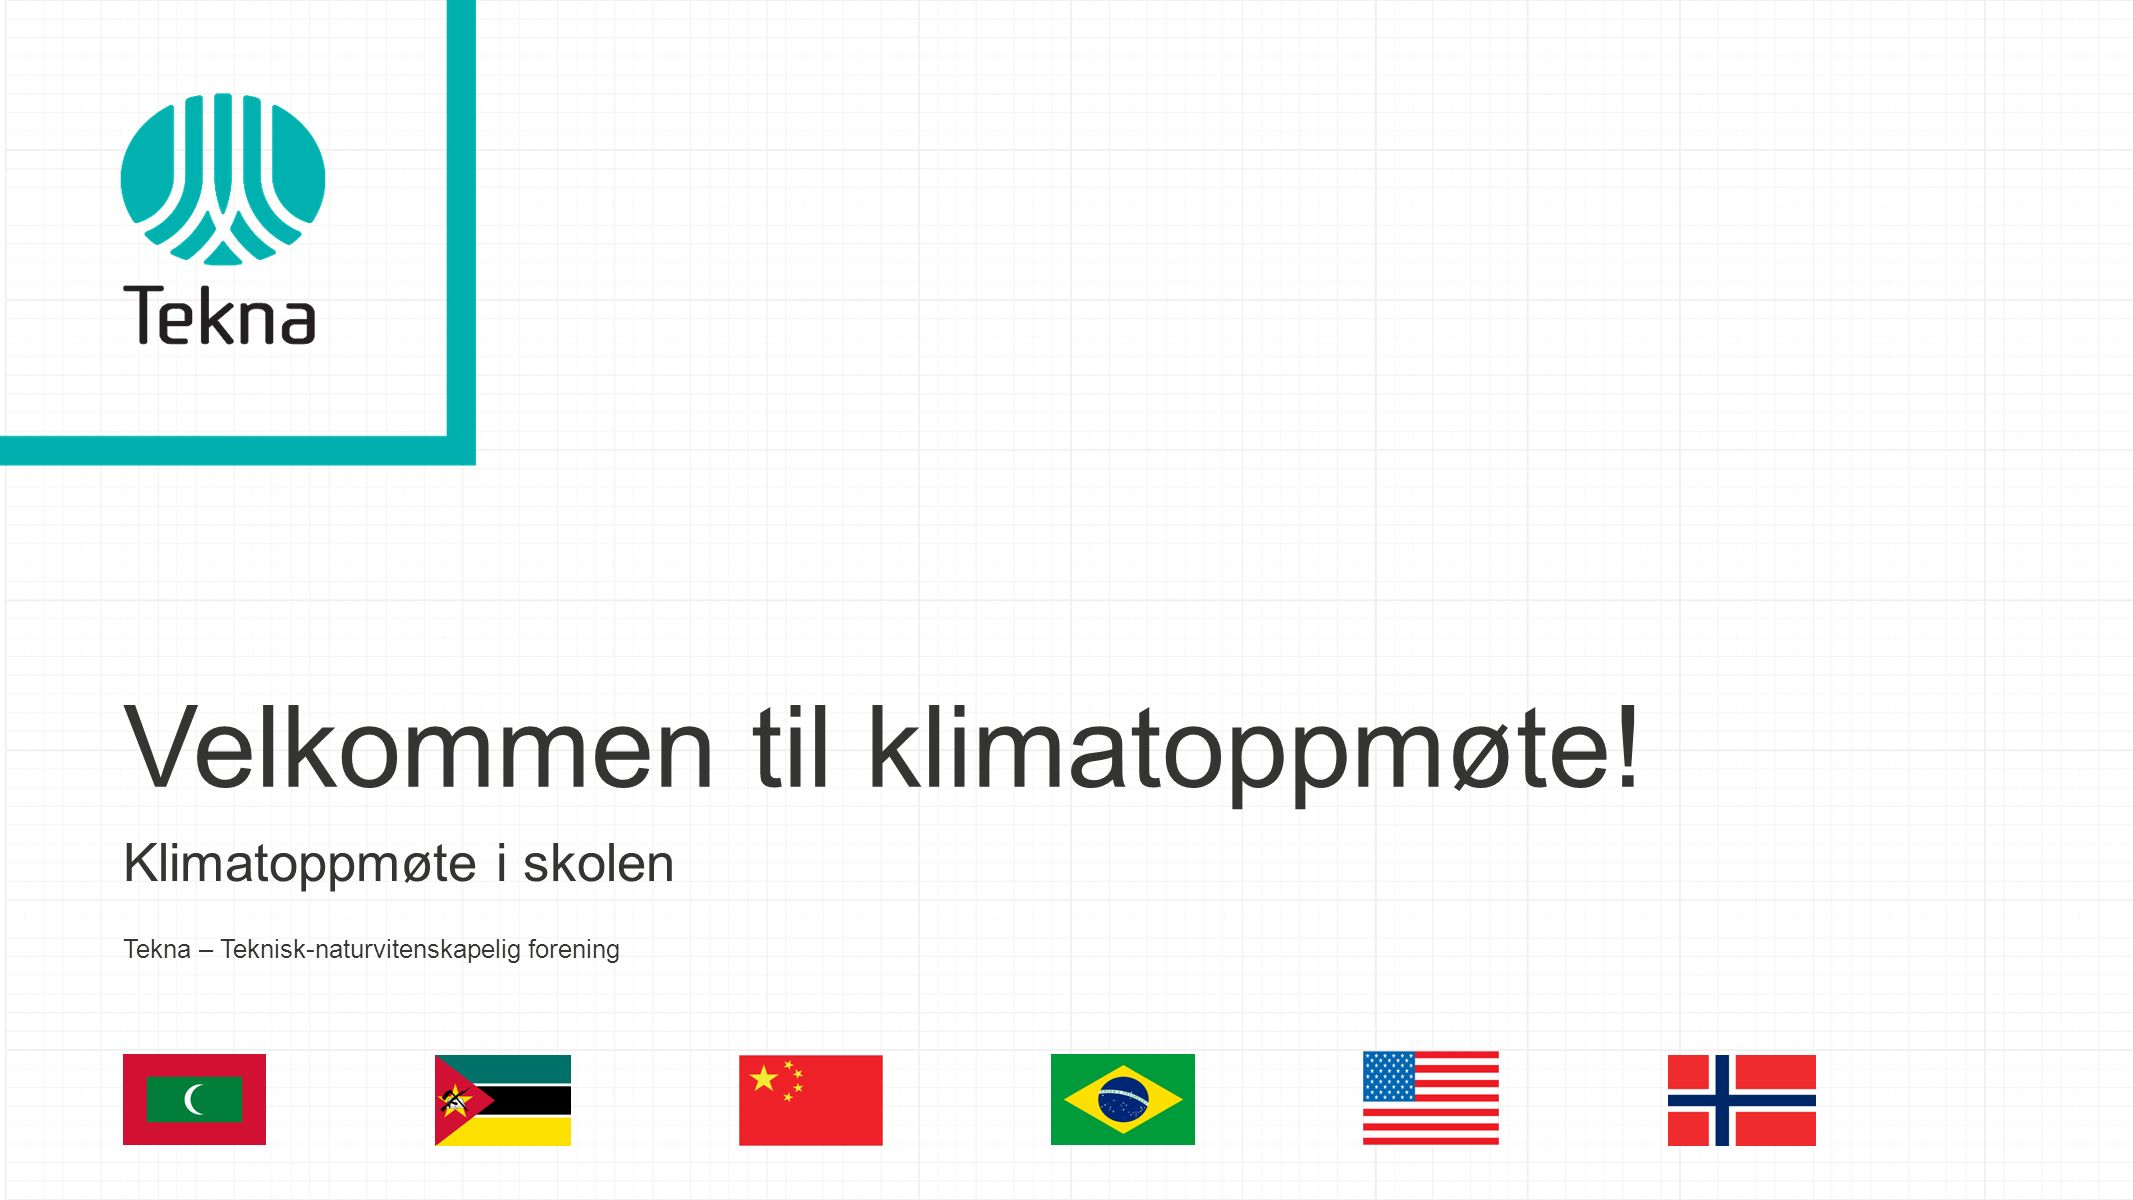 Om klimatoppmøte i skolen Årlig møtes verdens ledere under FNs klimatoppmøte for å finne en løsning på klimautfordringene.